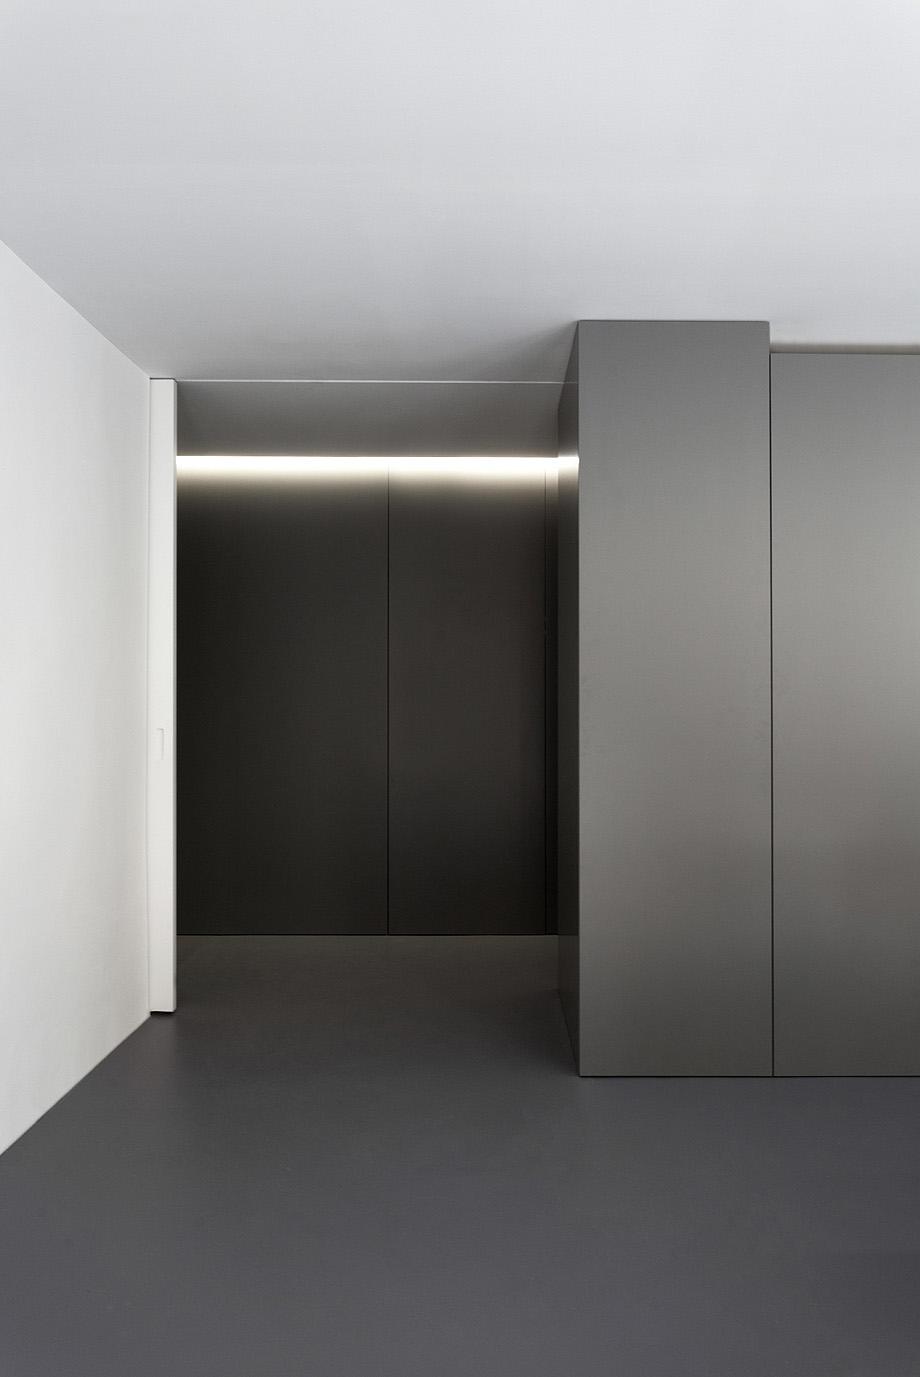 oficinas oav de fran silvestre arquitectos - foto diego opazo (21)